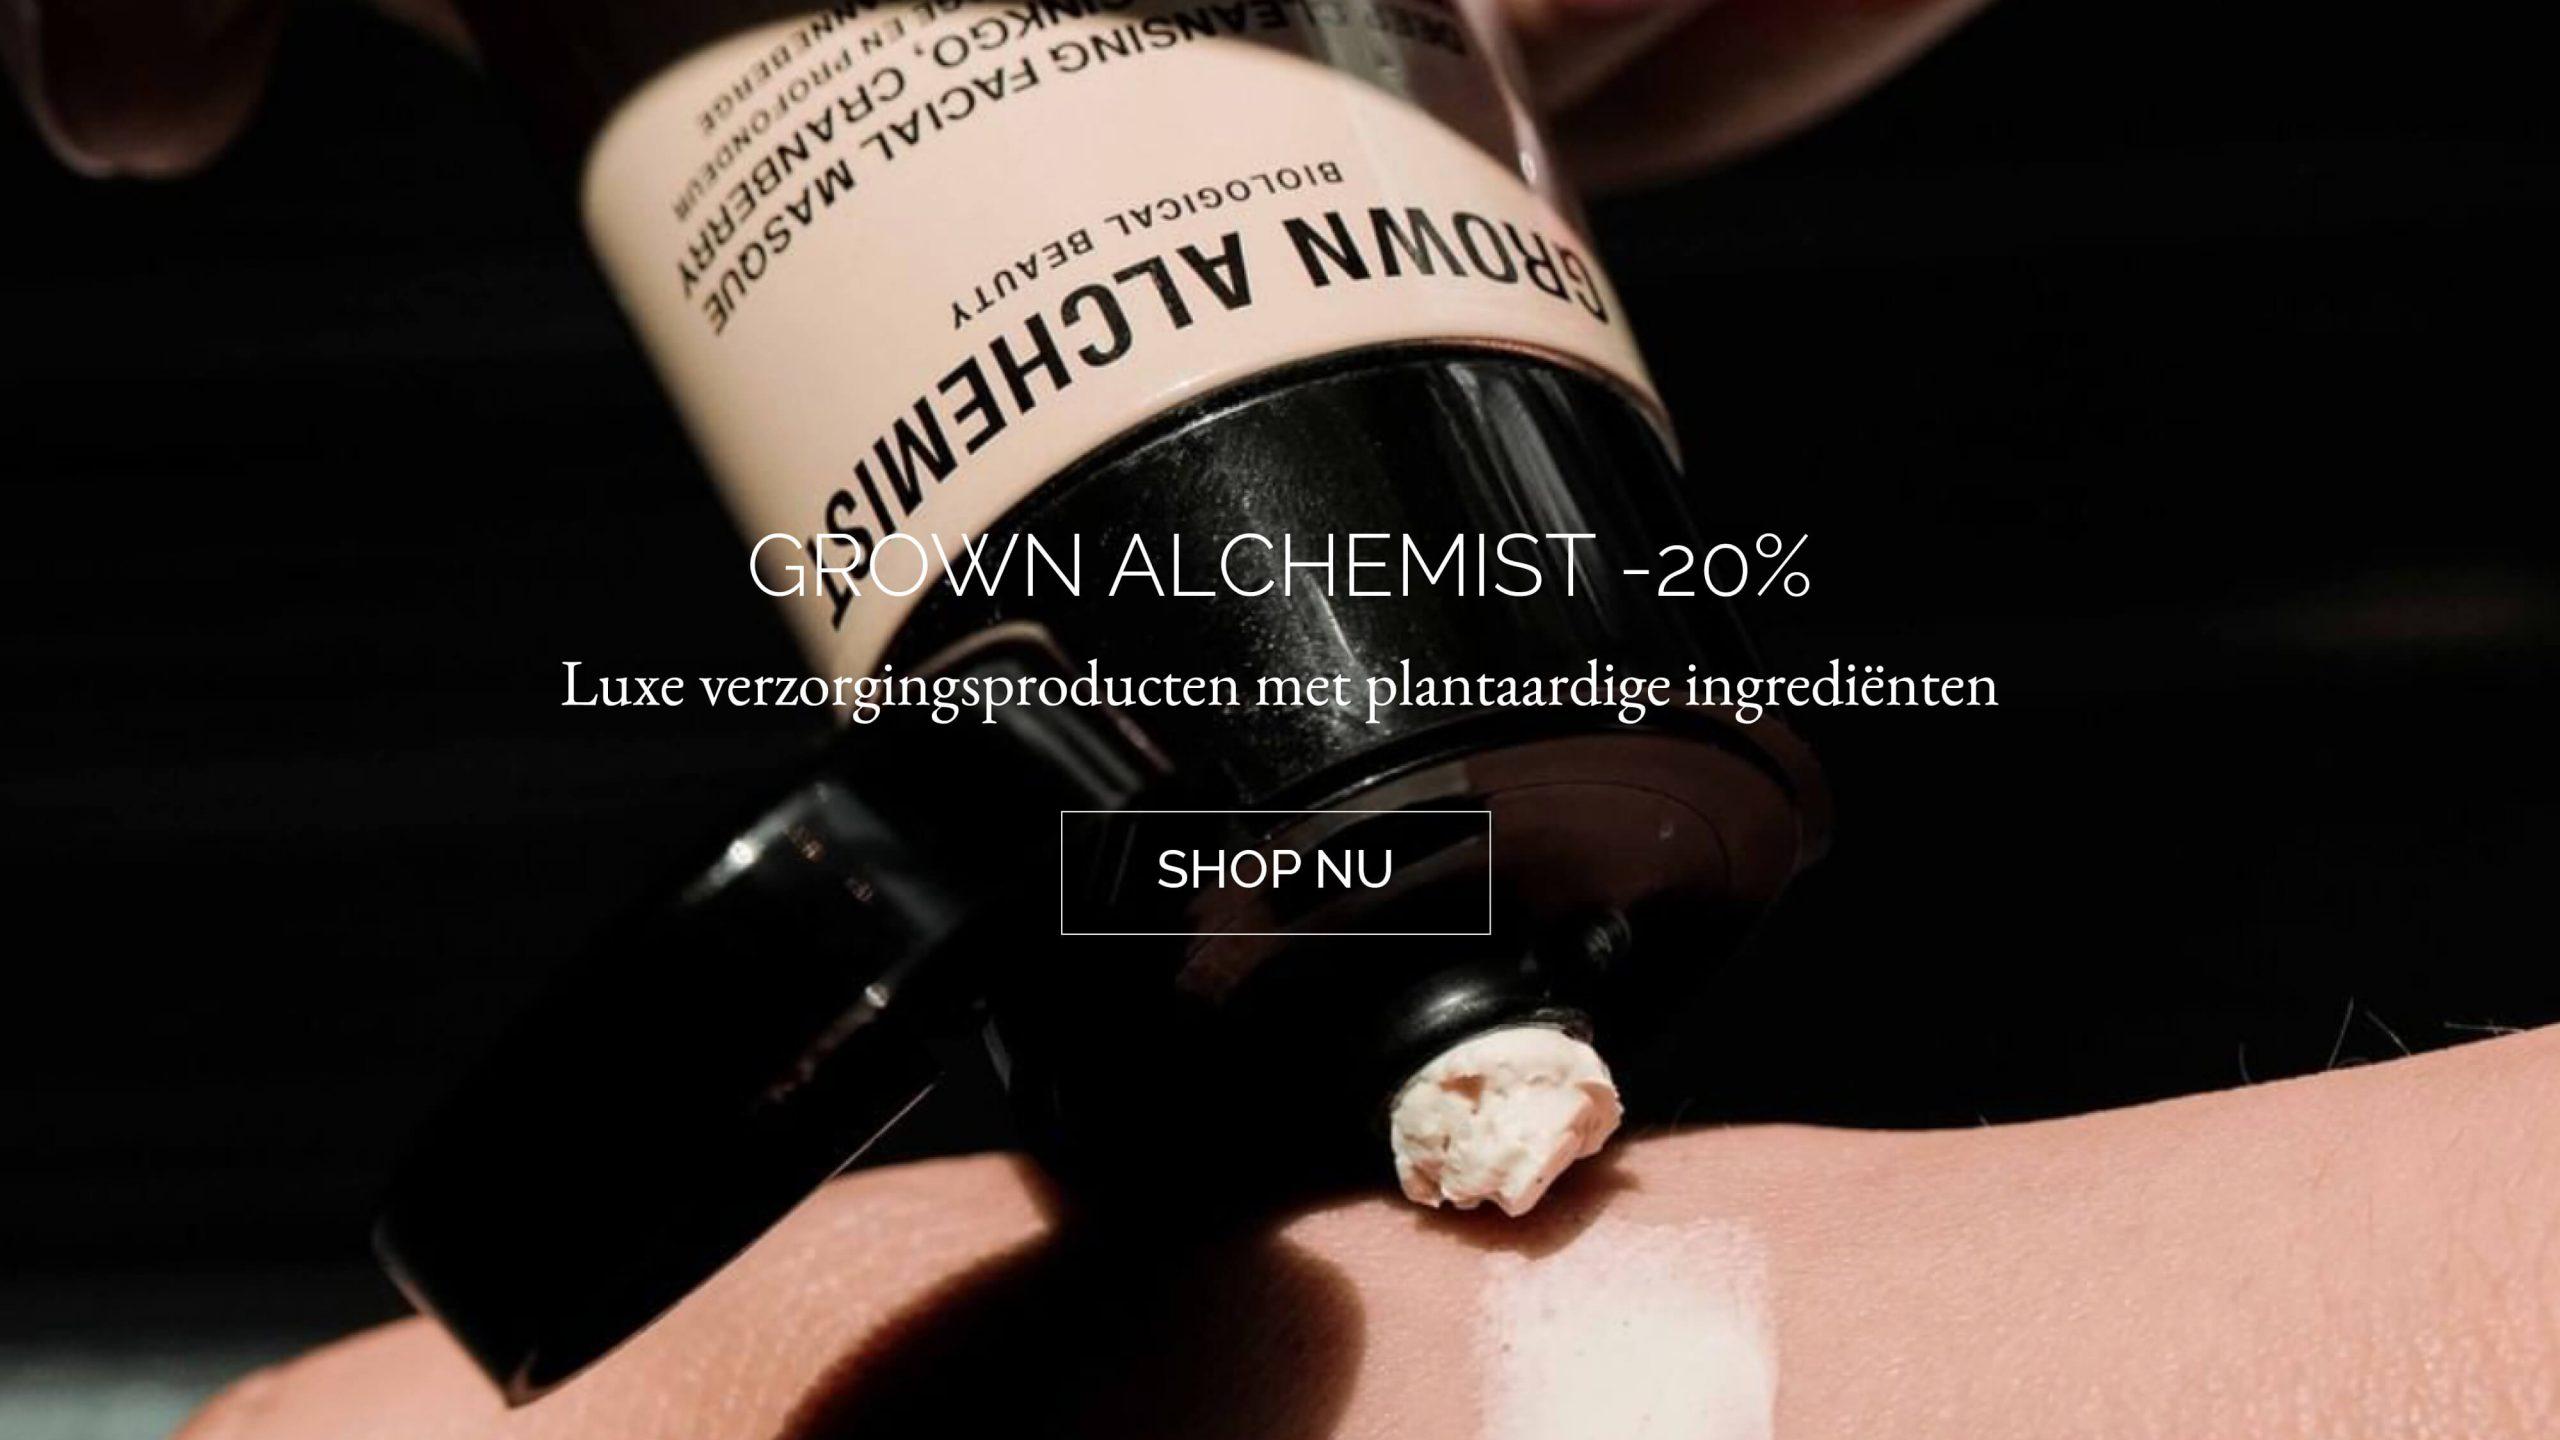 TWENTYTWONOTES | Grown Alchemist natuurlijke verzorgingsproducten